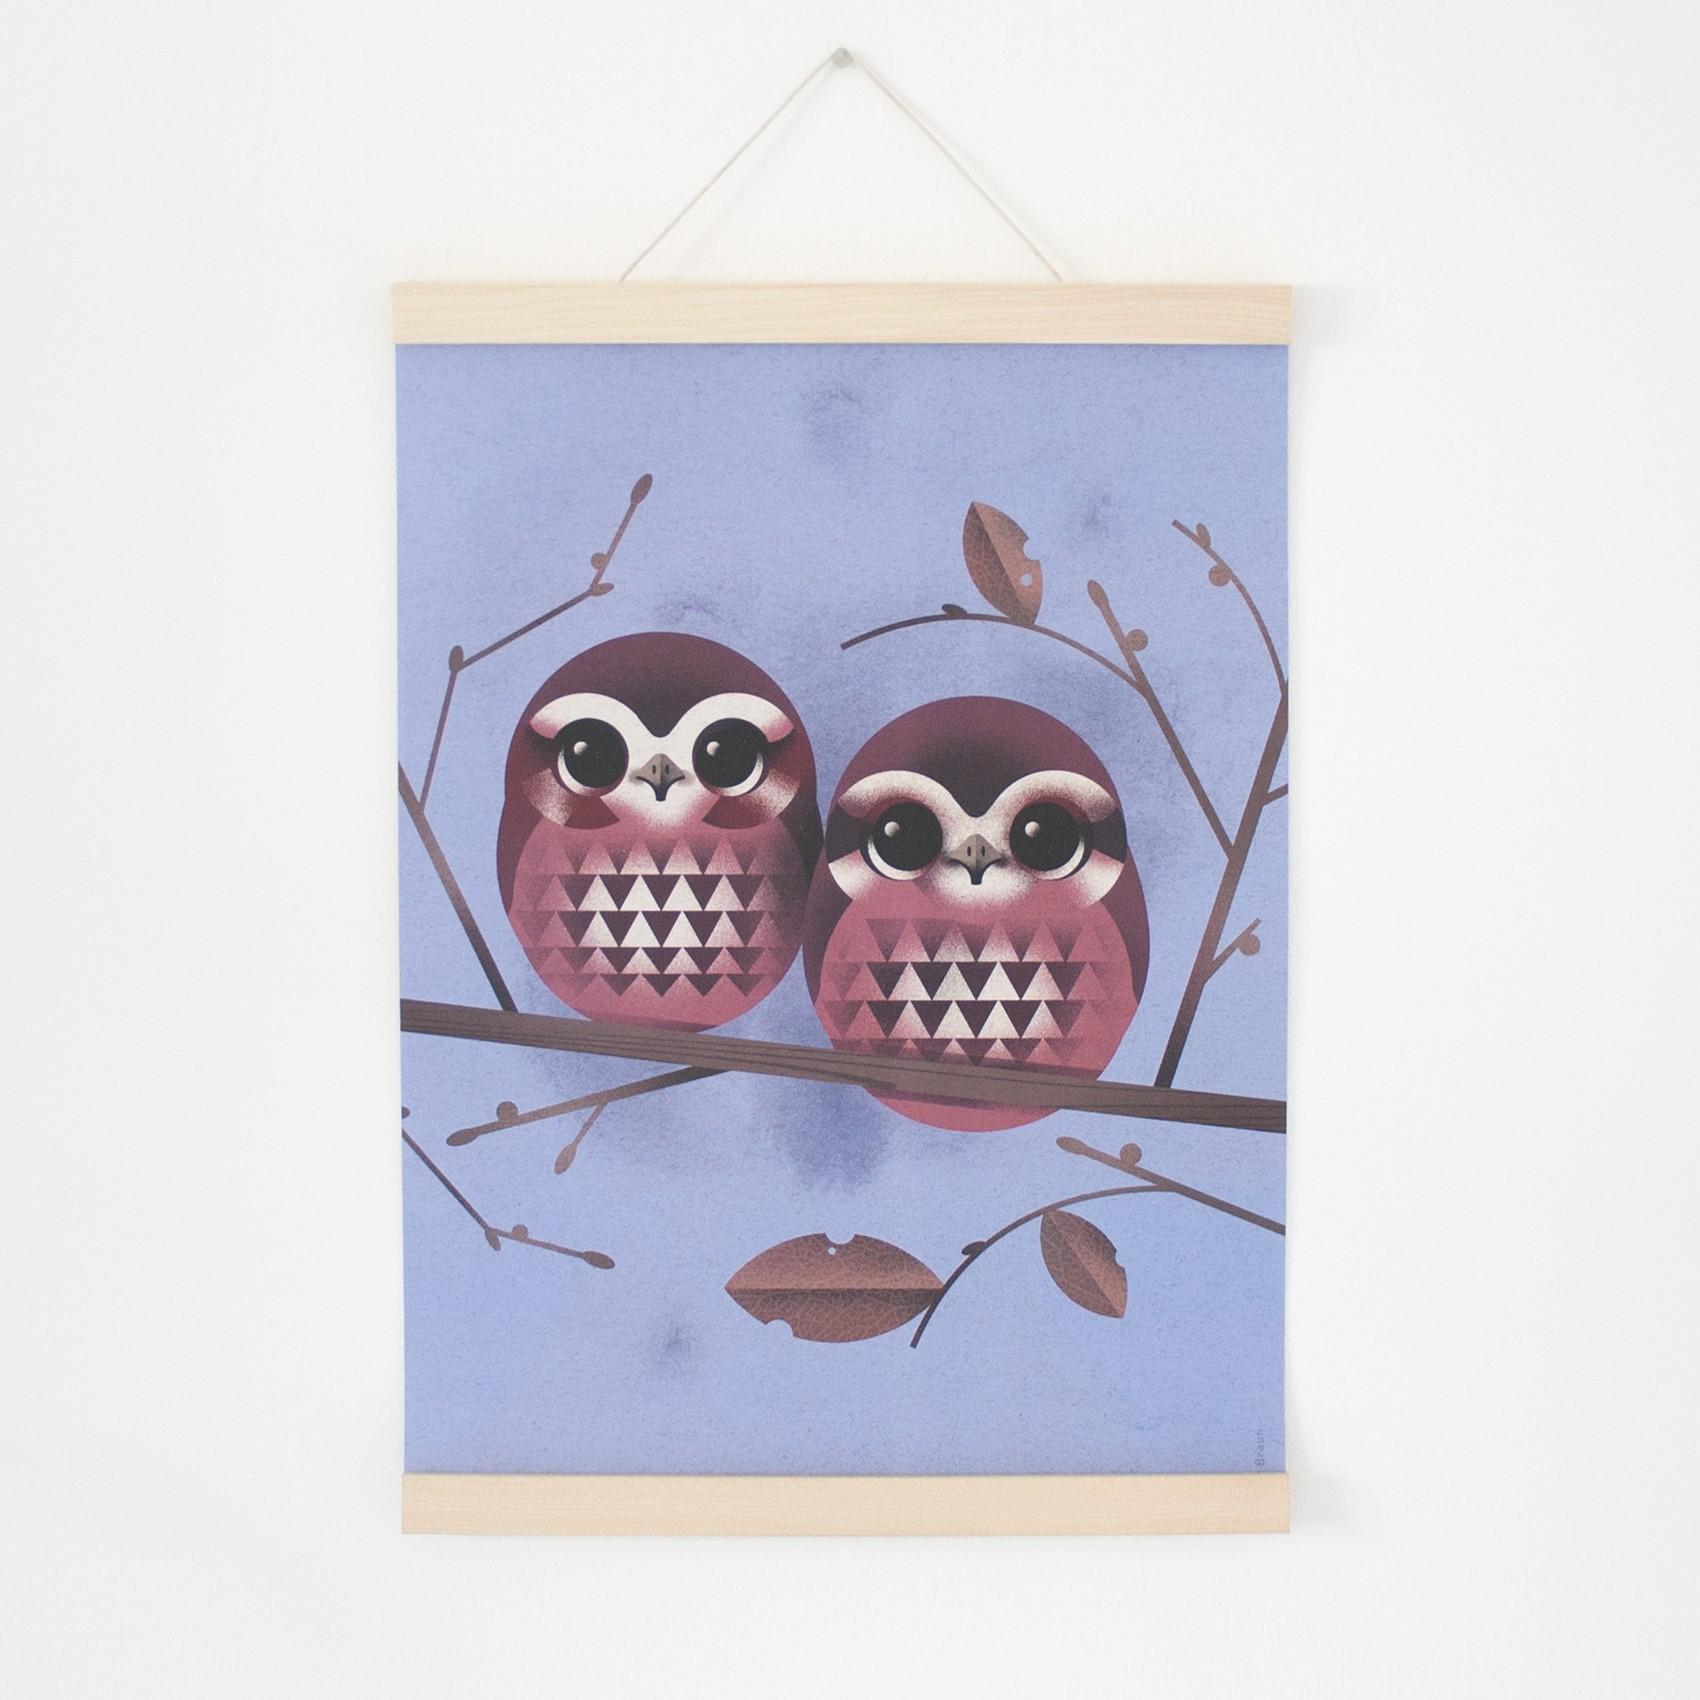 Owl Wohndesign: KLEINWAREN / VON LAUFENBERG Set / Baby Owls + Posterleiste